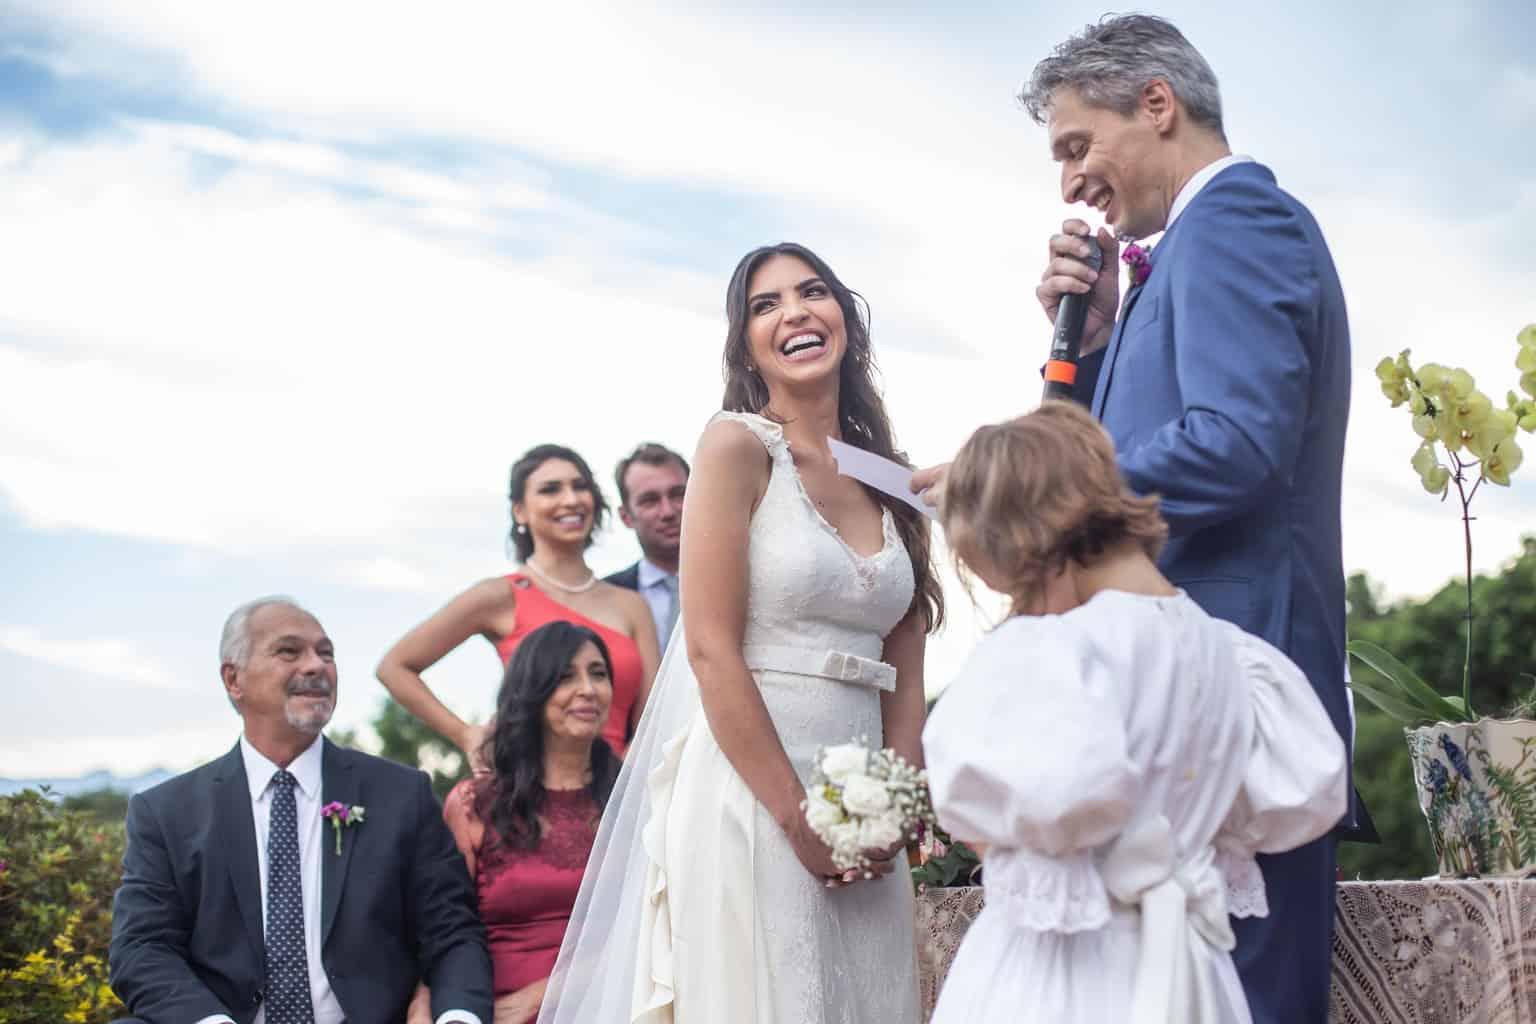 casamento-na-serra-cerimonia-ao-ar-livre-Fotografia-Laura-Campanella-graviola-filmes-Juliana-e-Sebastian-noivos-no-altar-Pousada-La-Belle-Bruna165